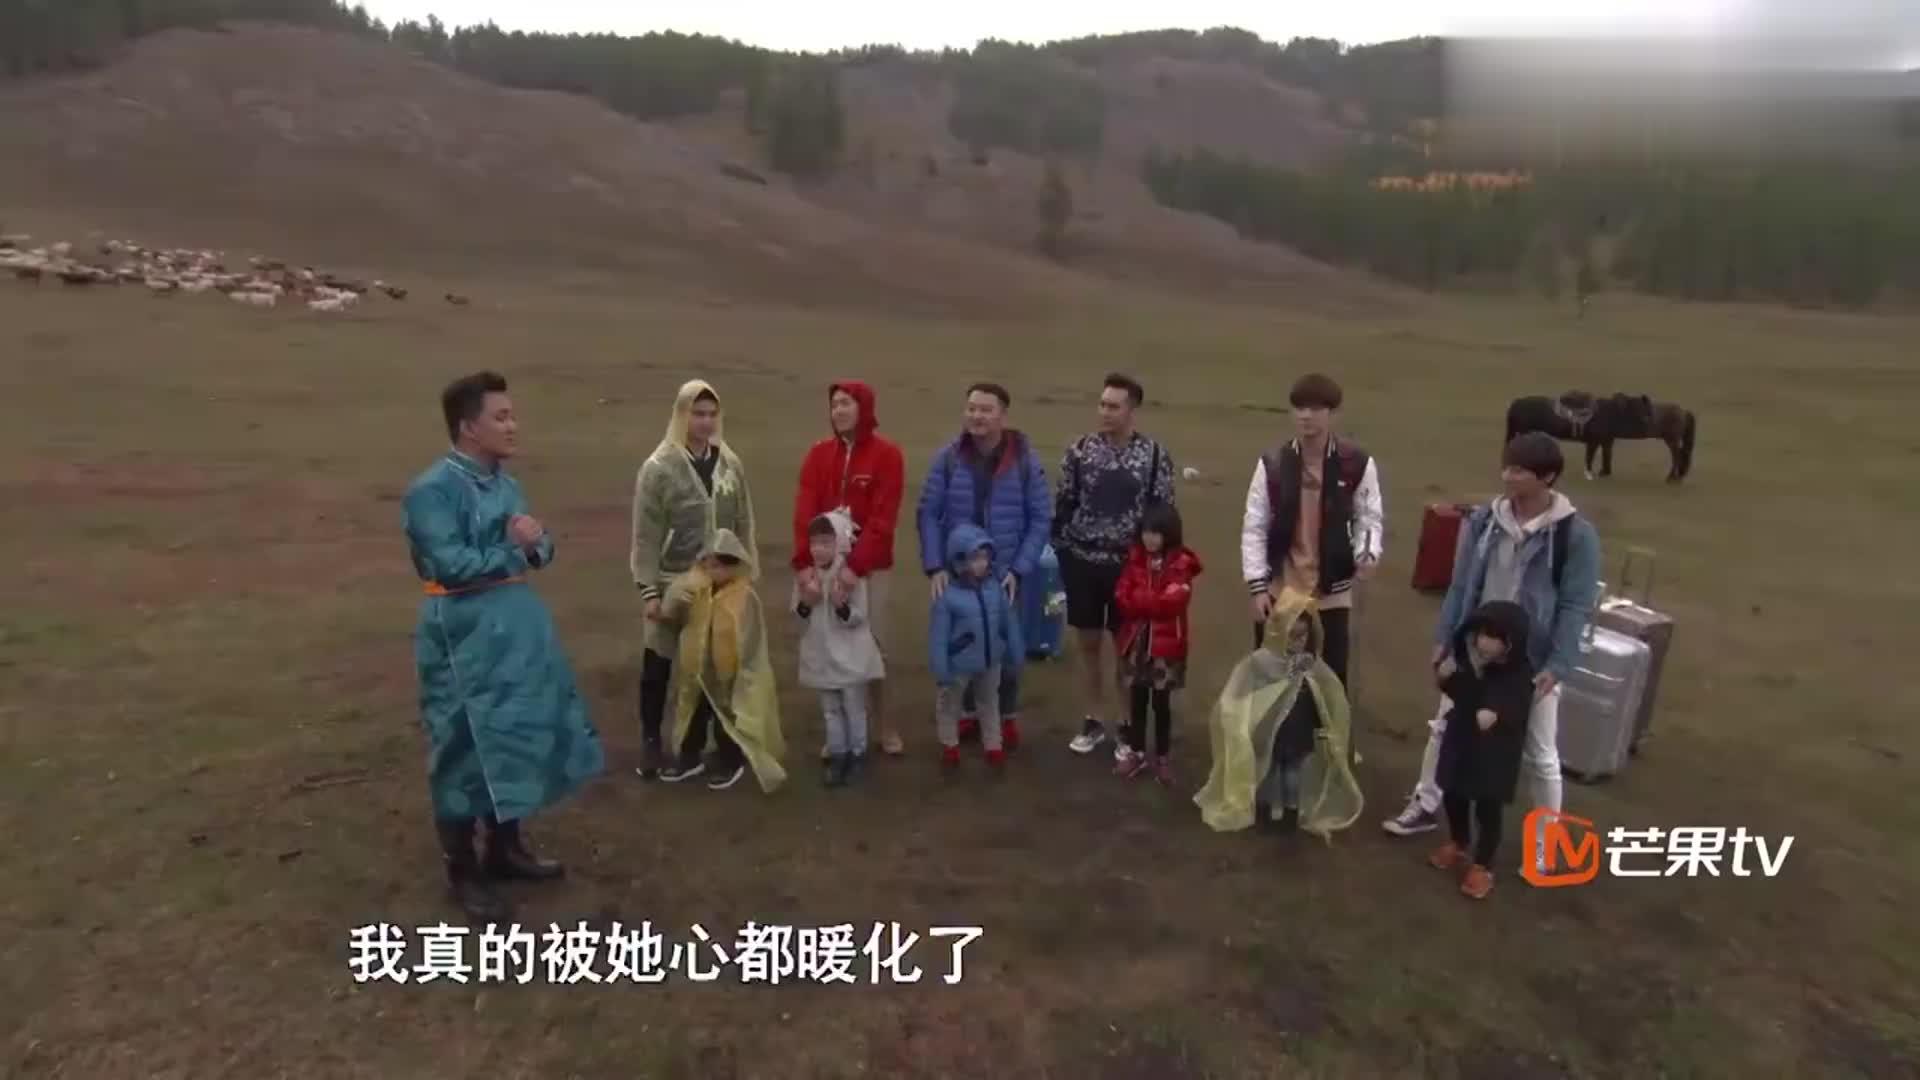 未播-村长要求上交玩具,阿拉蕾拿着裙子就要交,董力-你穿啥!